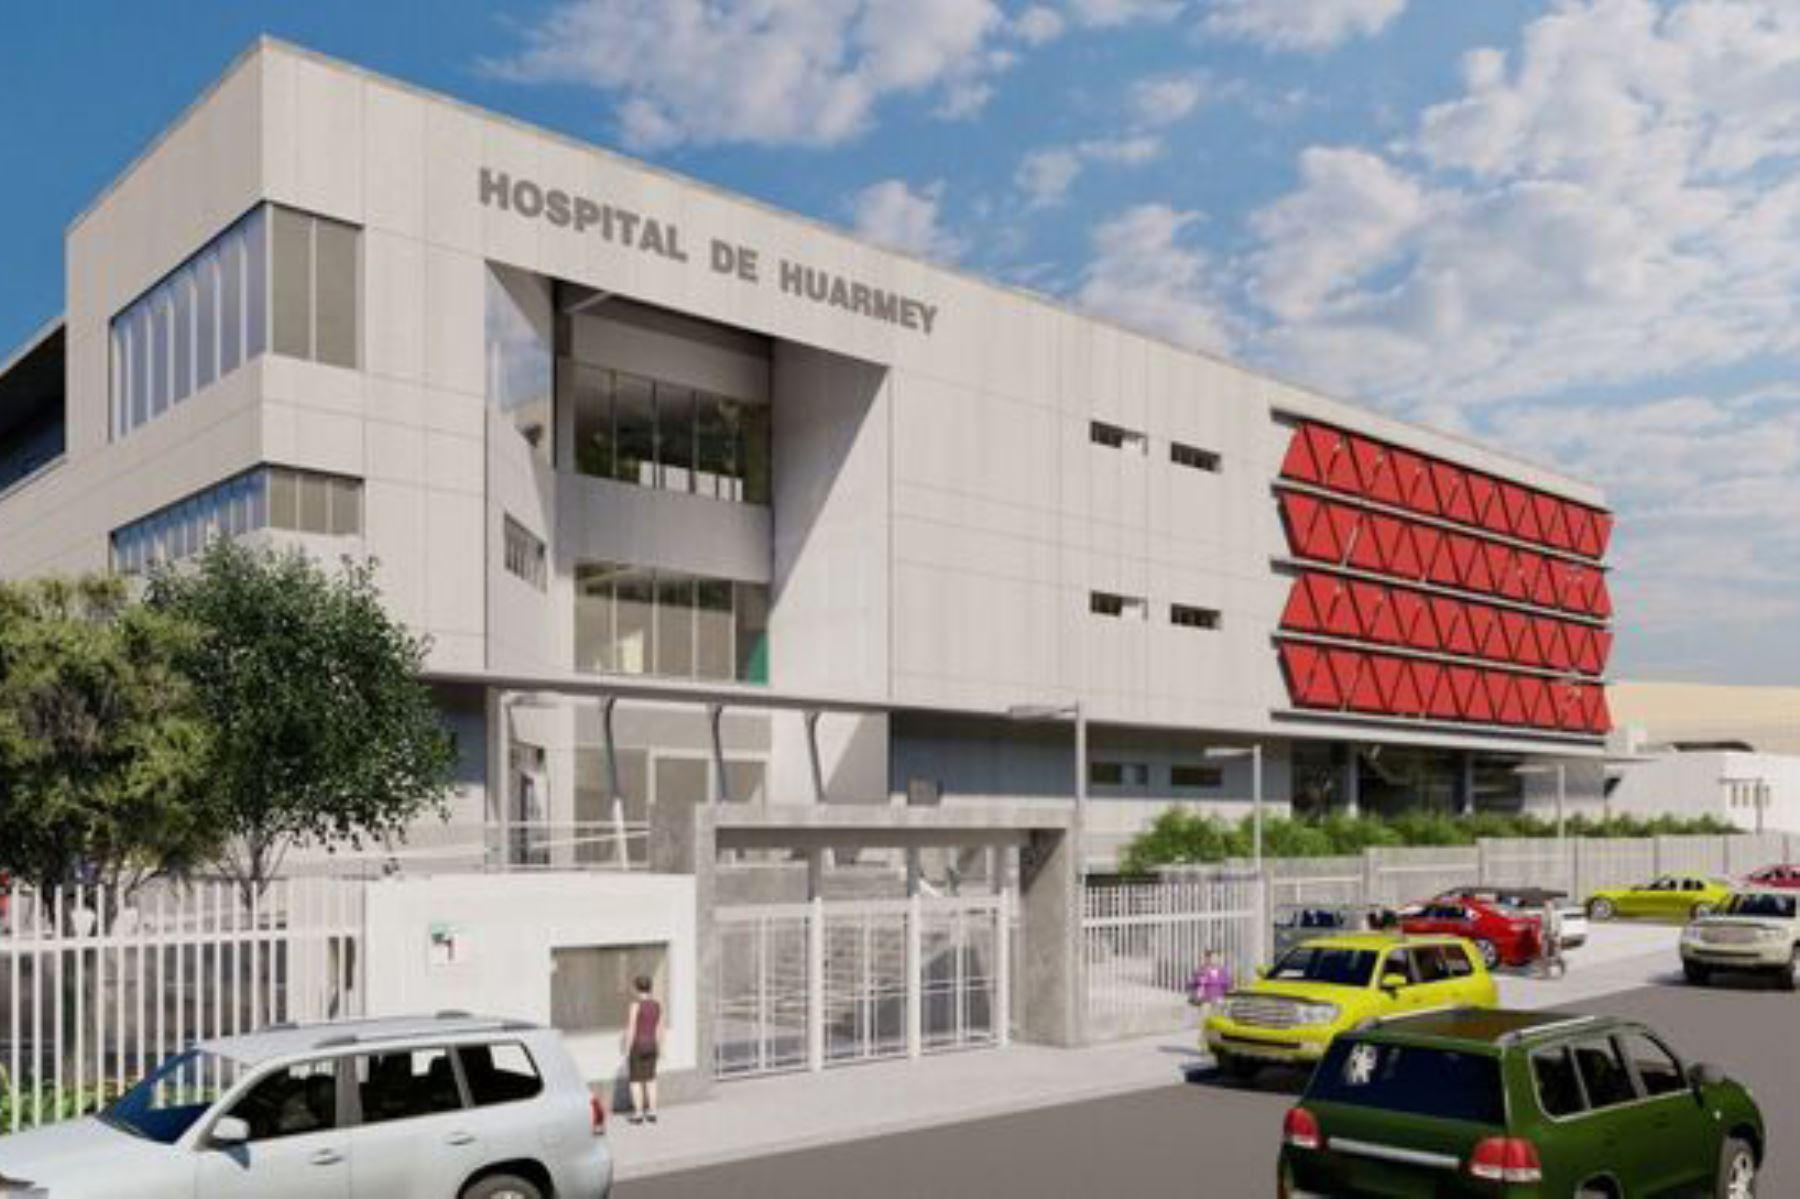 La construcción del nuevo hospital de Huarmey se desarrollará sobre un terreno de 11,325 metros cuadrados. Foto: ANDINA/Pronis